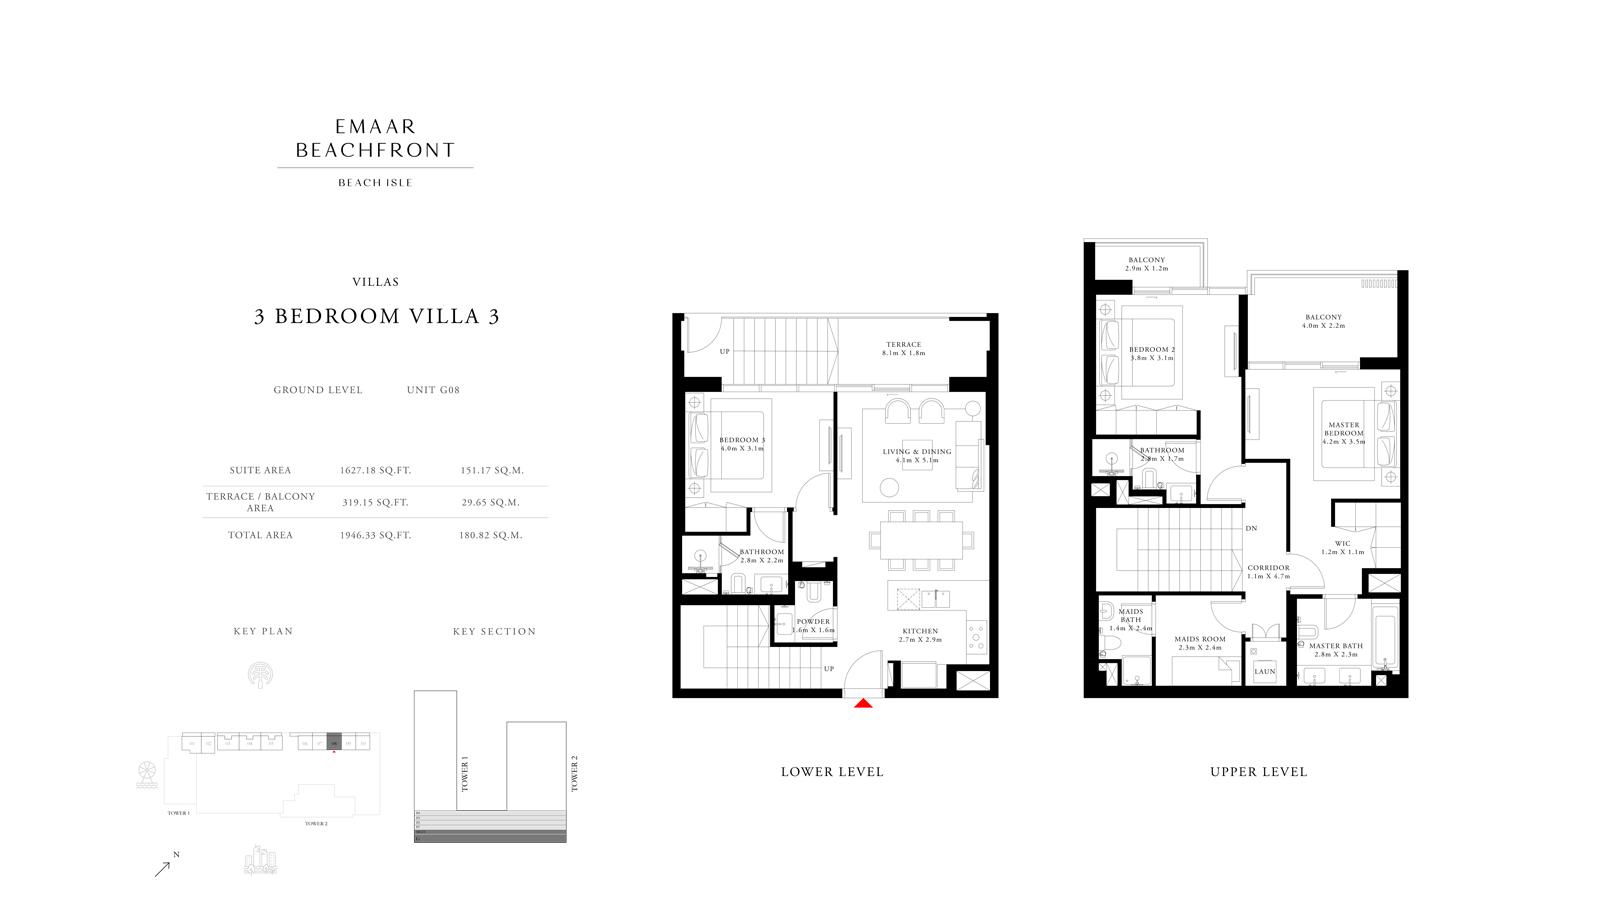 3 Bedroom Villas 3, Size 1946 sq ft